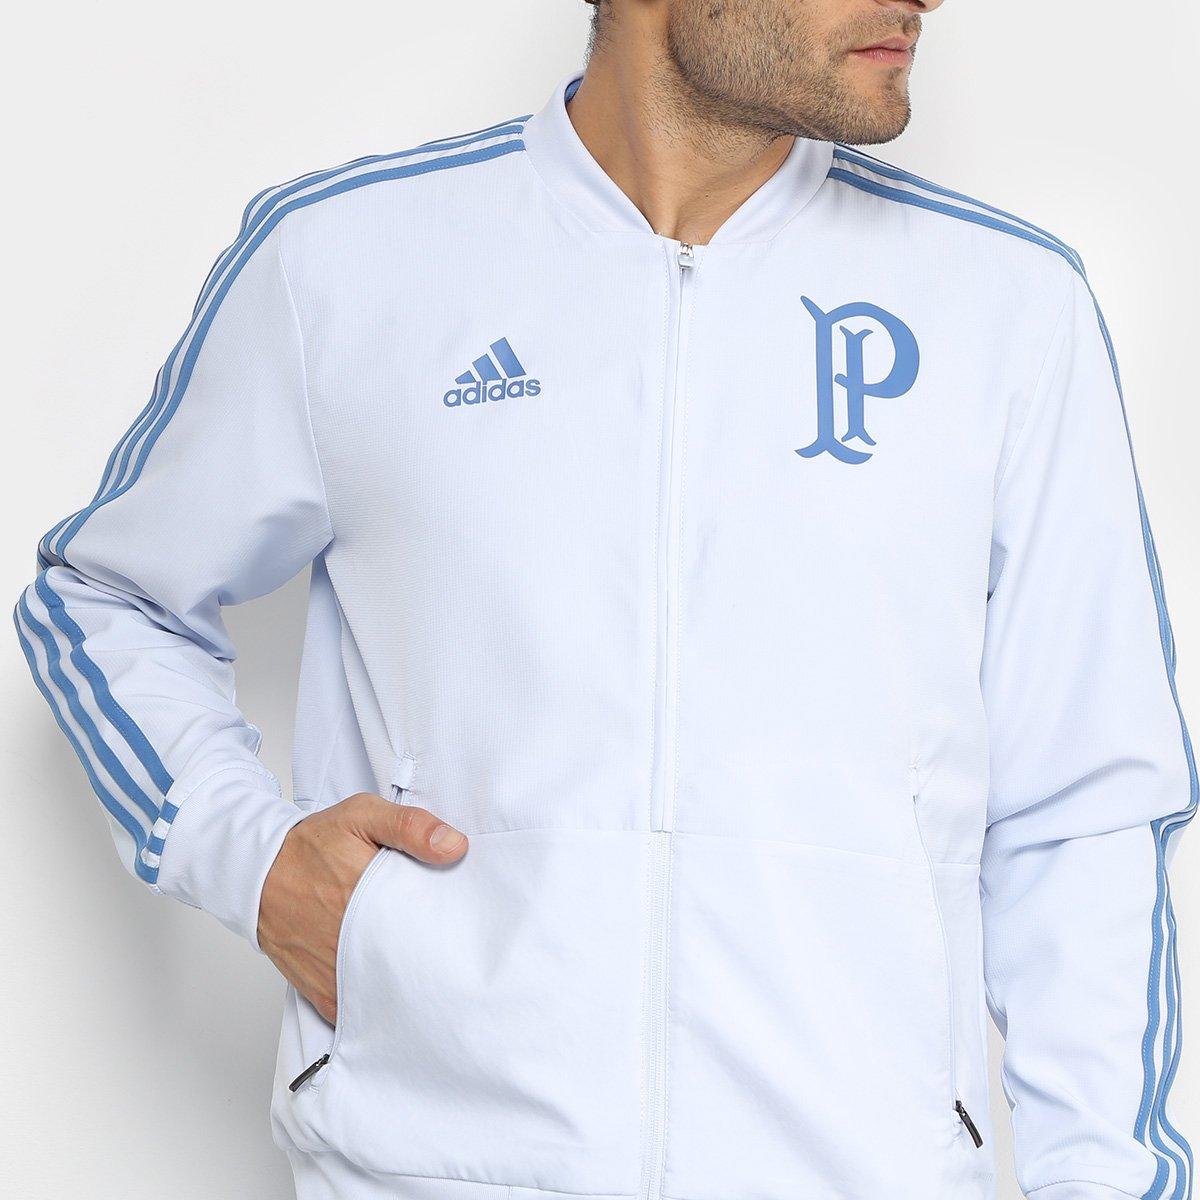 Jaqueta Palmeiras Adidas Viagem Masculina - Azul Claro - Compre ... 3bd0cd33e836e